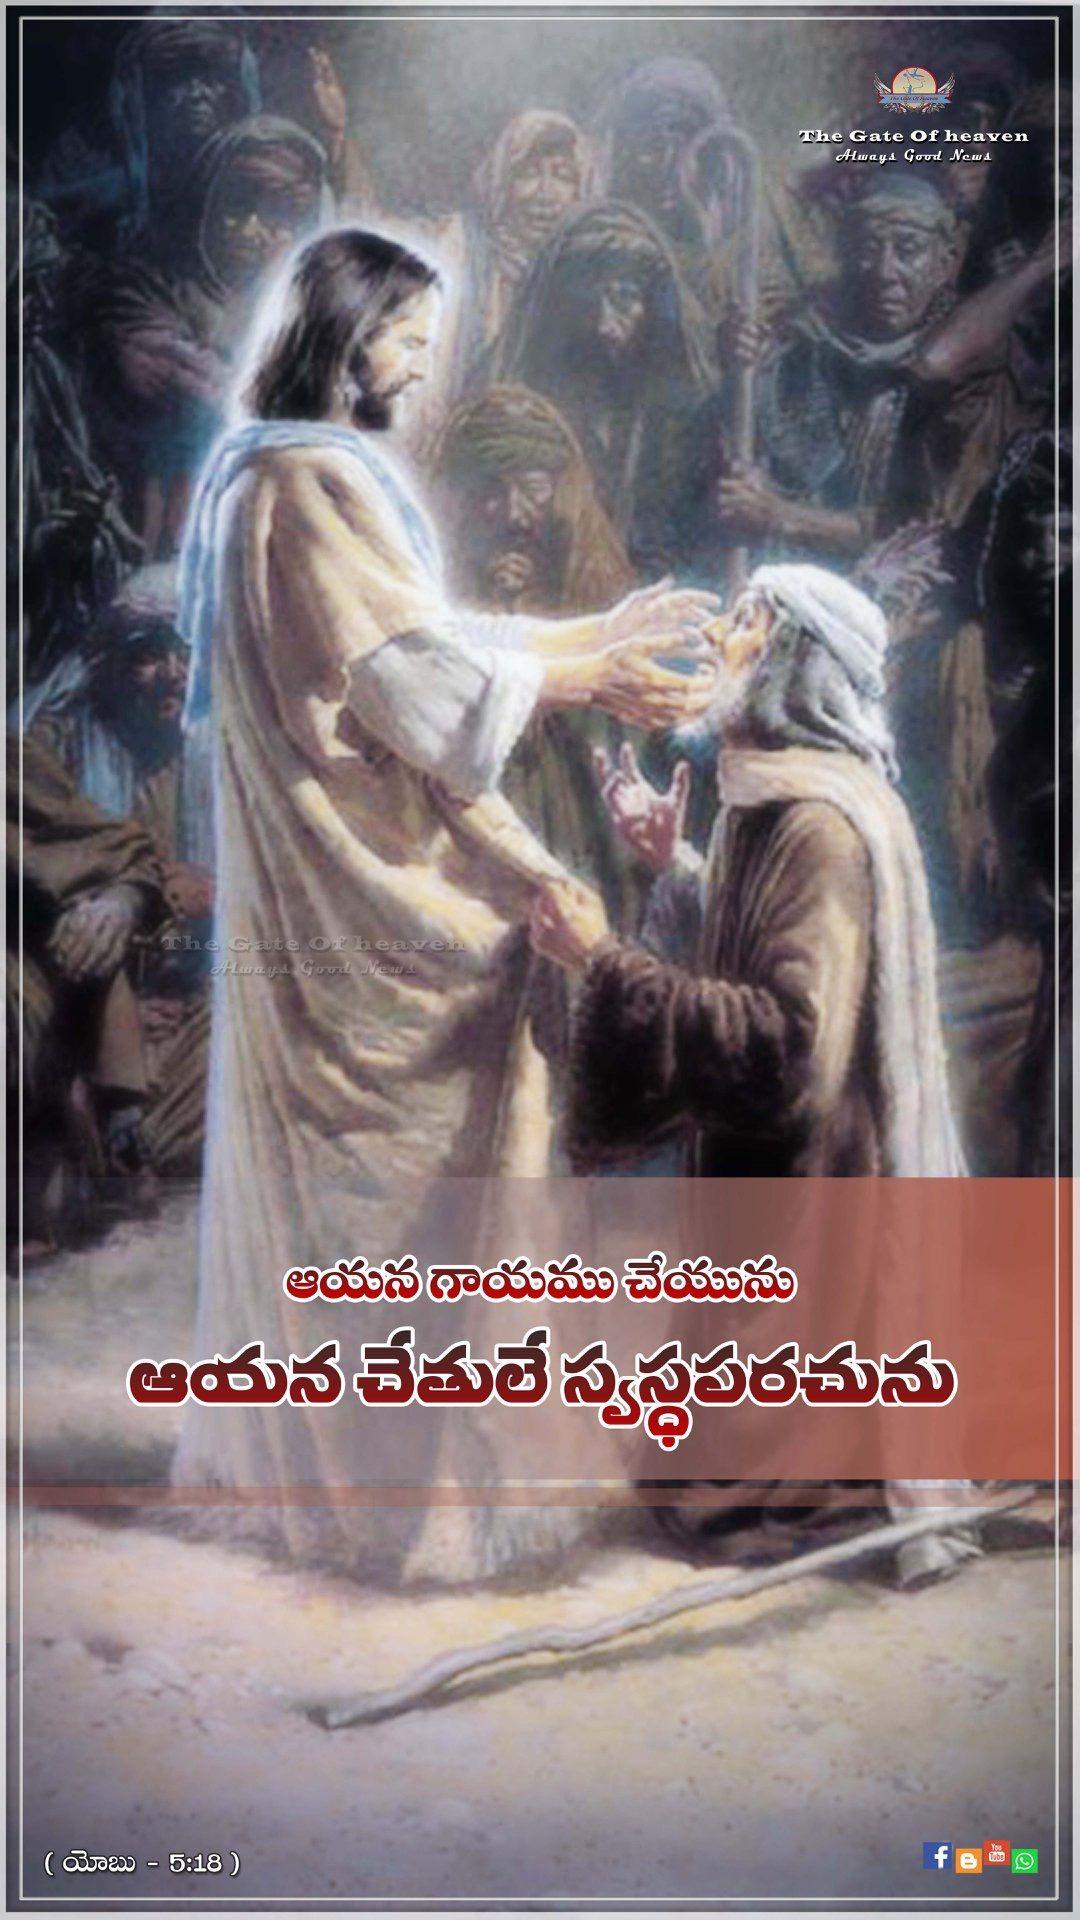 Job 518 bible quotes telugu bible qoutes bible quotes